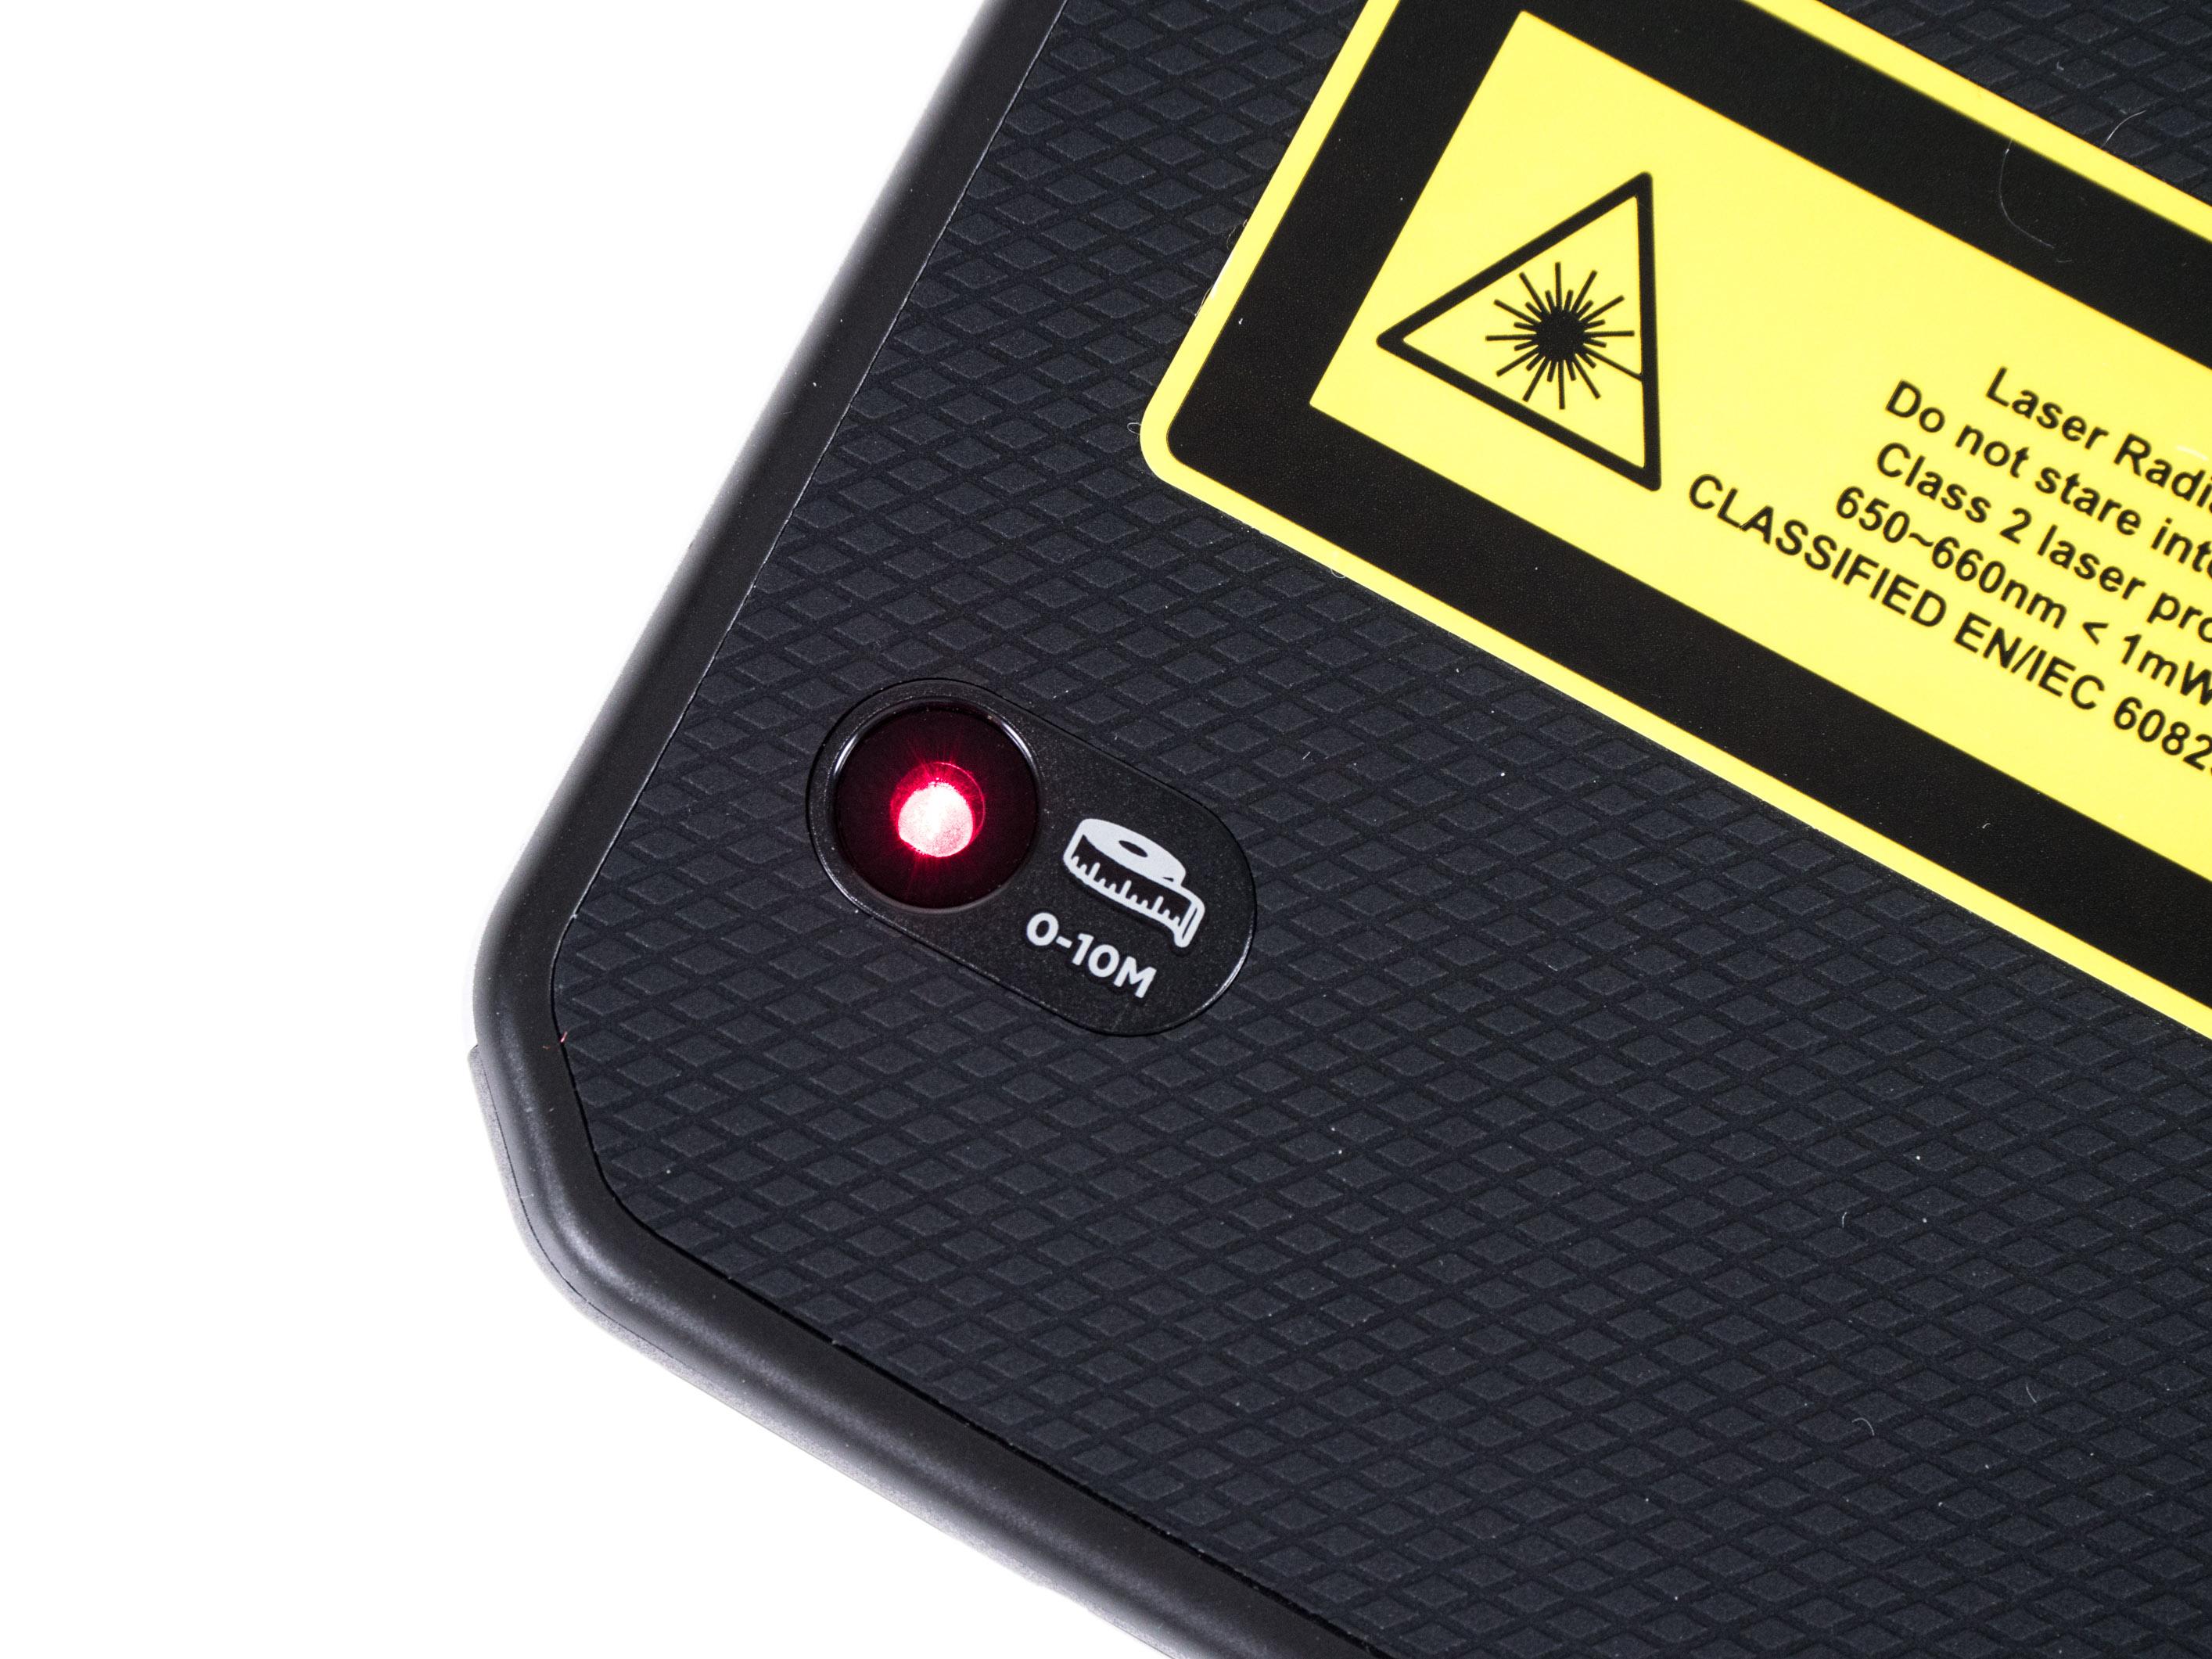 Cat S61 im Hands on: Smartphone kann Luftreinheit und Entfernungen messen - S61 hat einen Laser-Entfernungsmesser. (Bild: Martin Wolf/Golem.de)